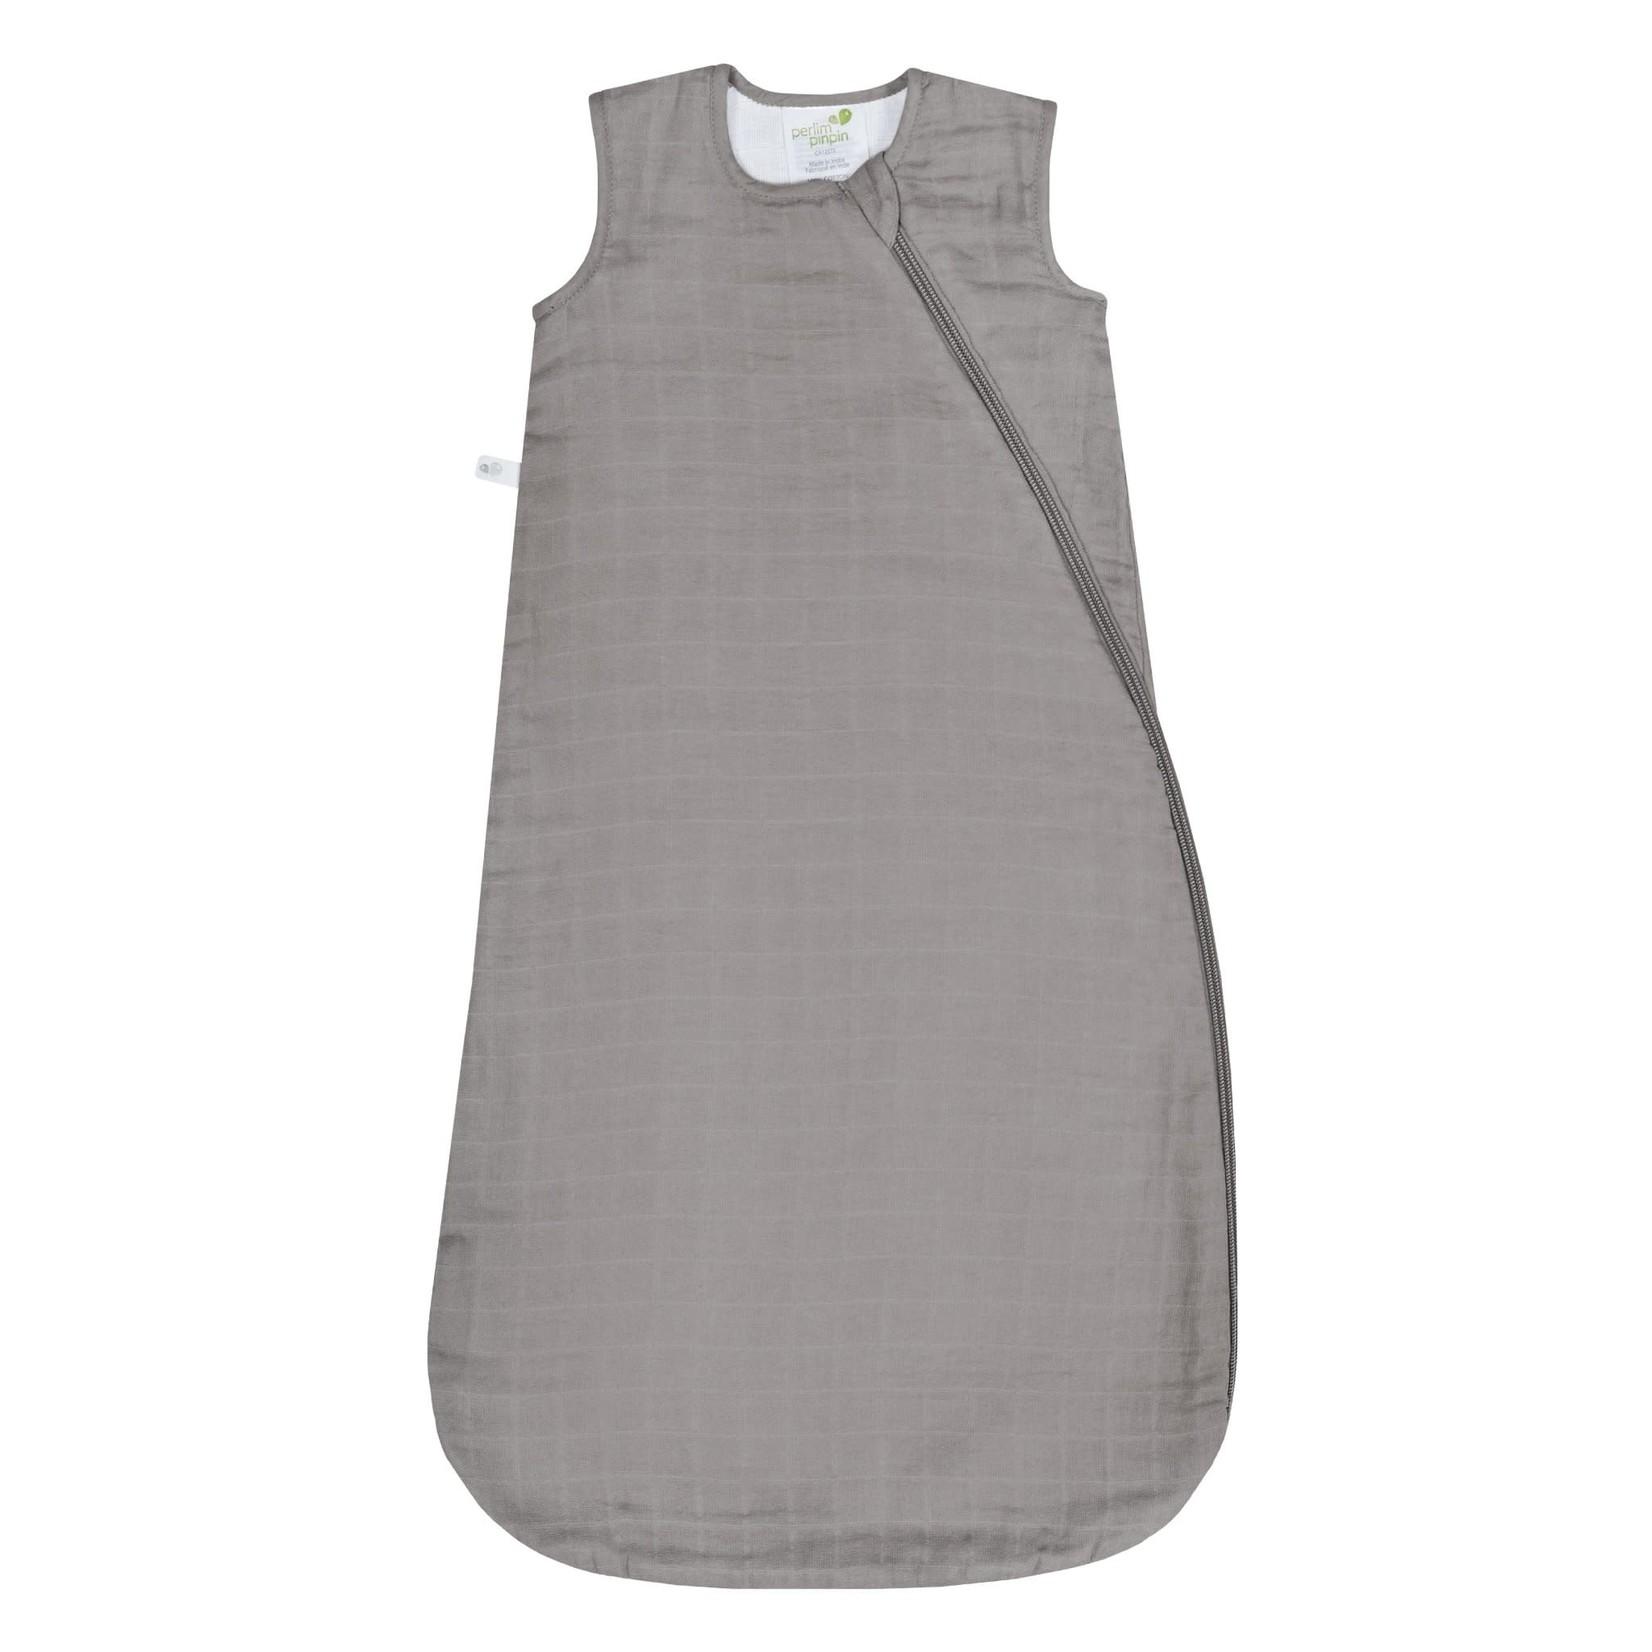 Cotton Muslin Sleep Bag - Taupe - 0.7 TOG